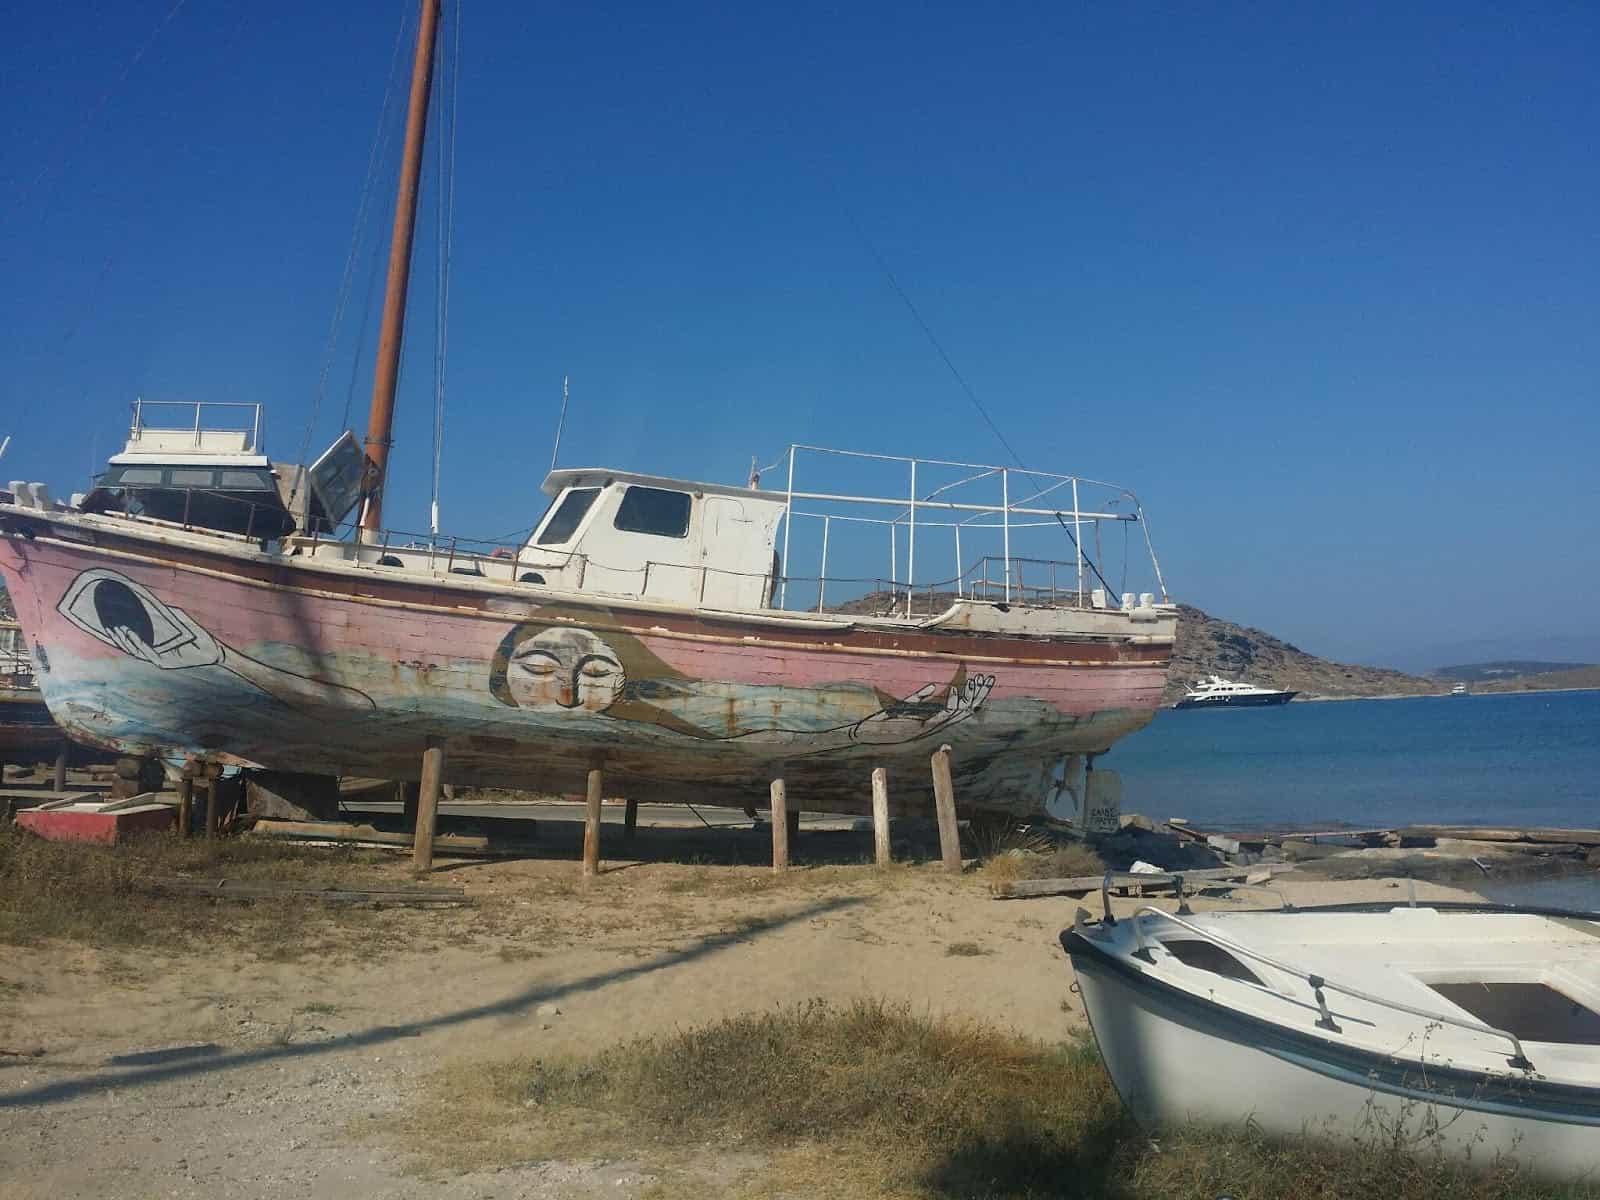 paros, grecia, que hacer, viajar, deportes nauticos, hotel, resort, viaje, atenas, crisis, desde espana, playa, comida, santorini, mykonos